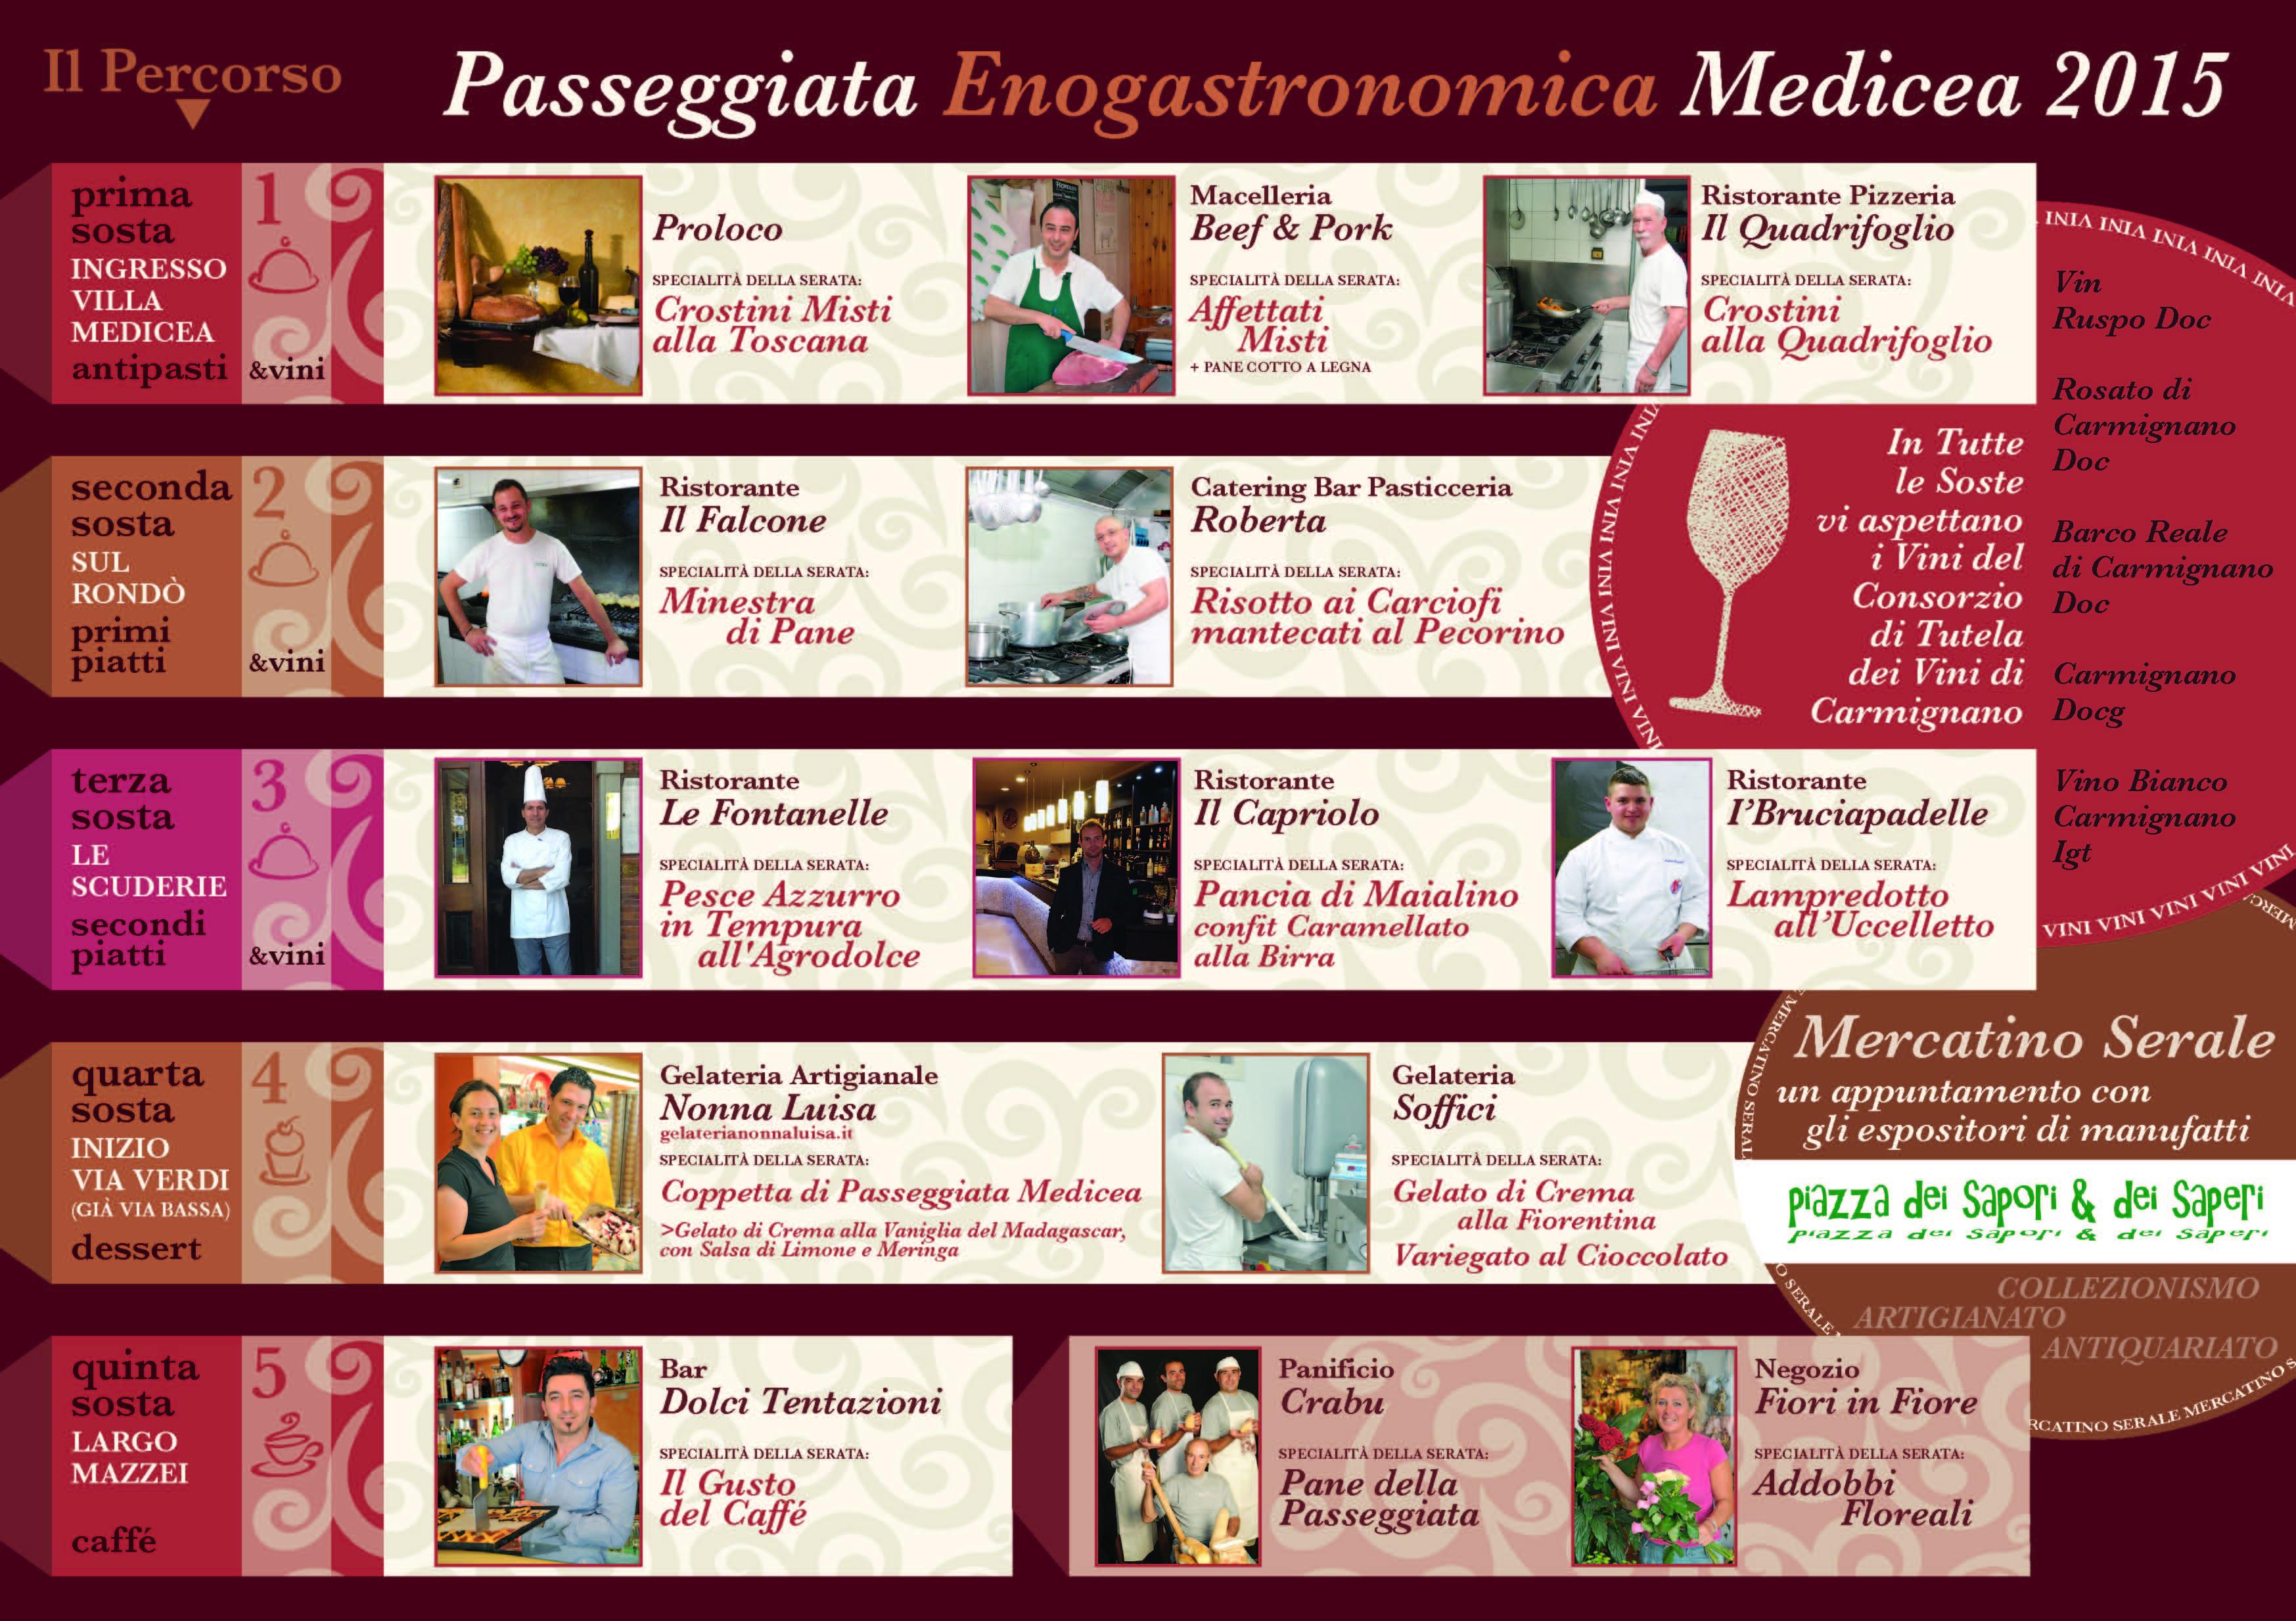 Passeggiata Enogastronomica Medicea - pieghevole i